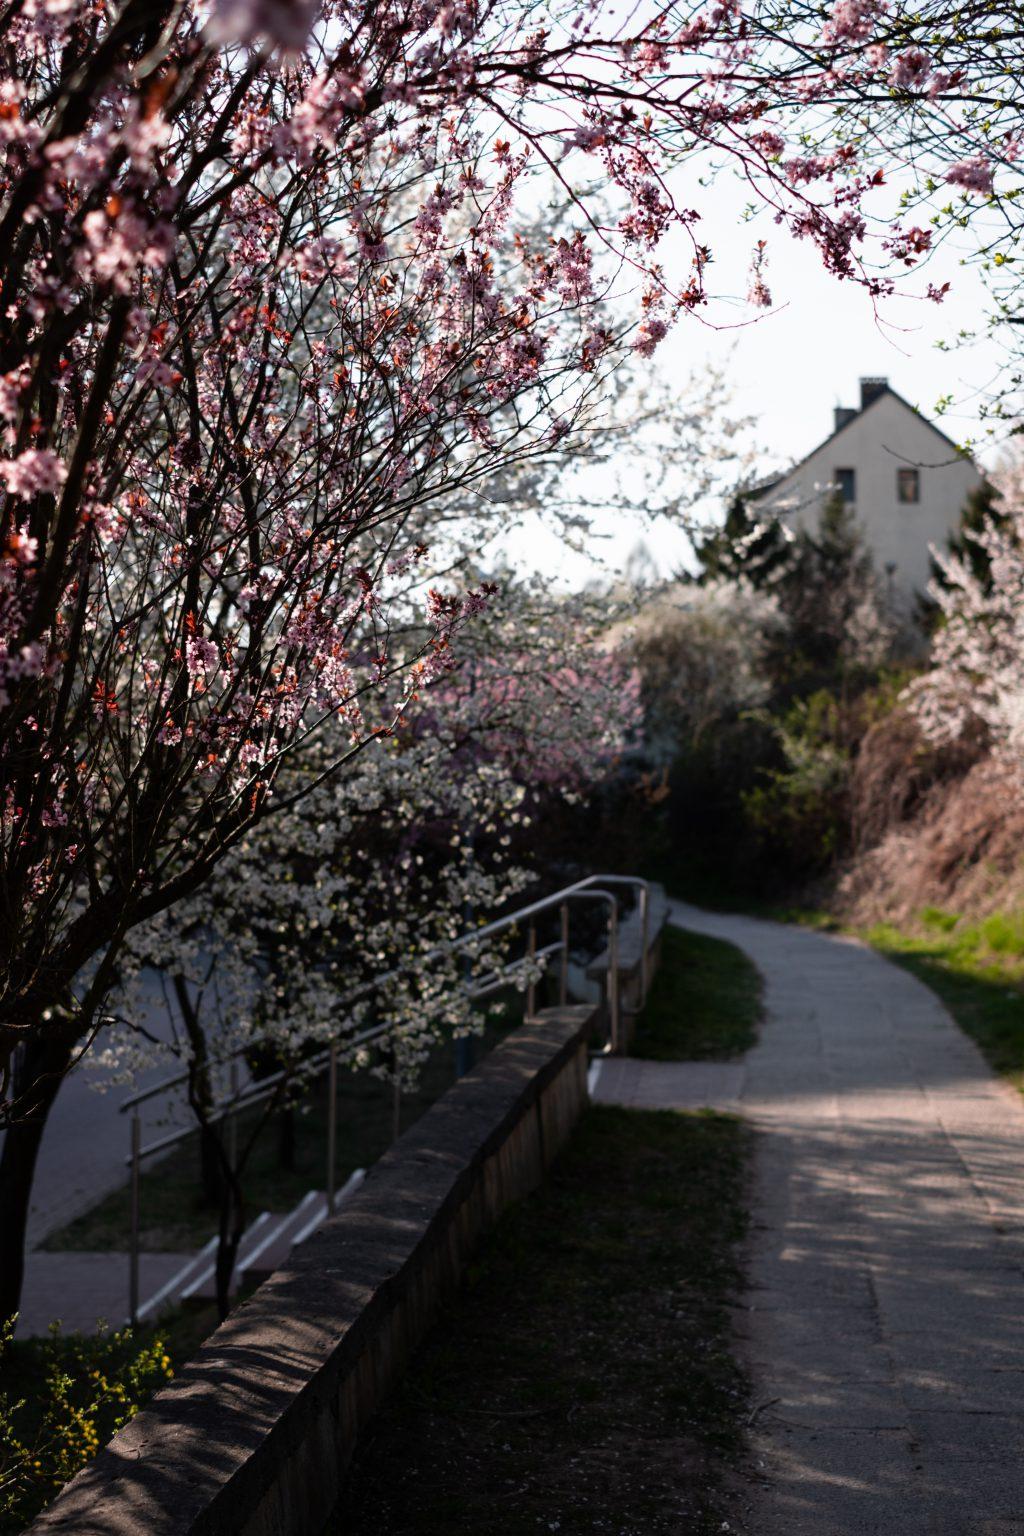 Cherry tree blossom 5 - free stock photo